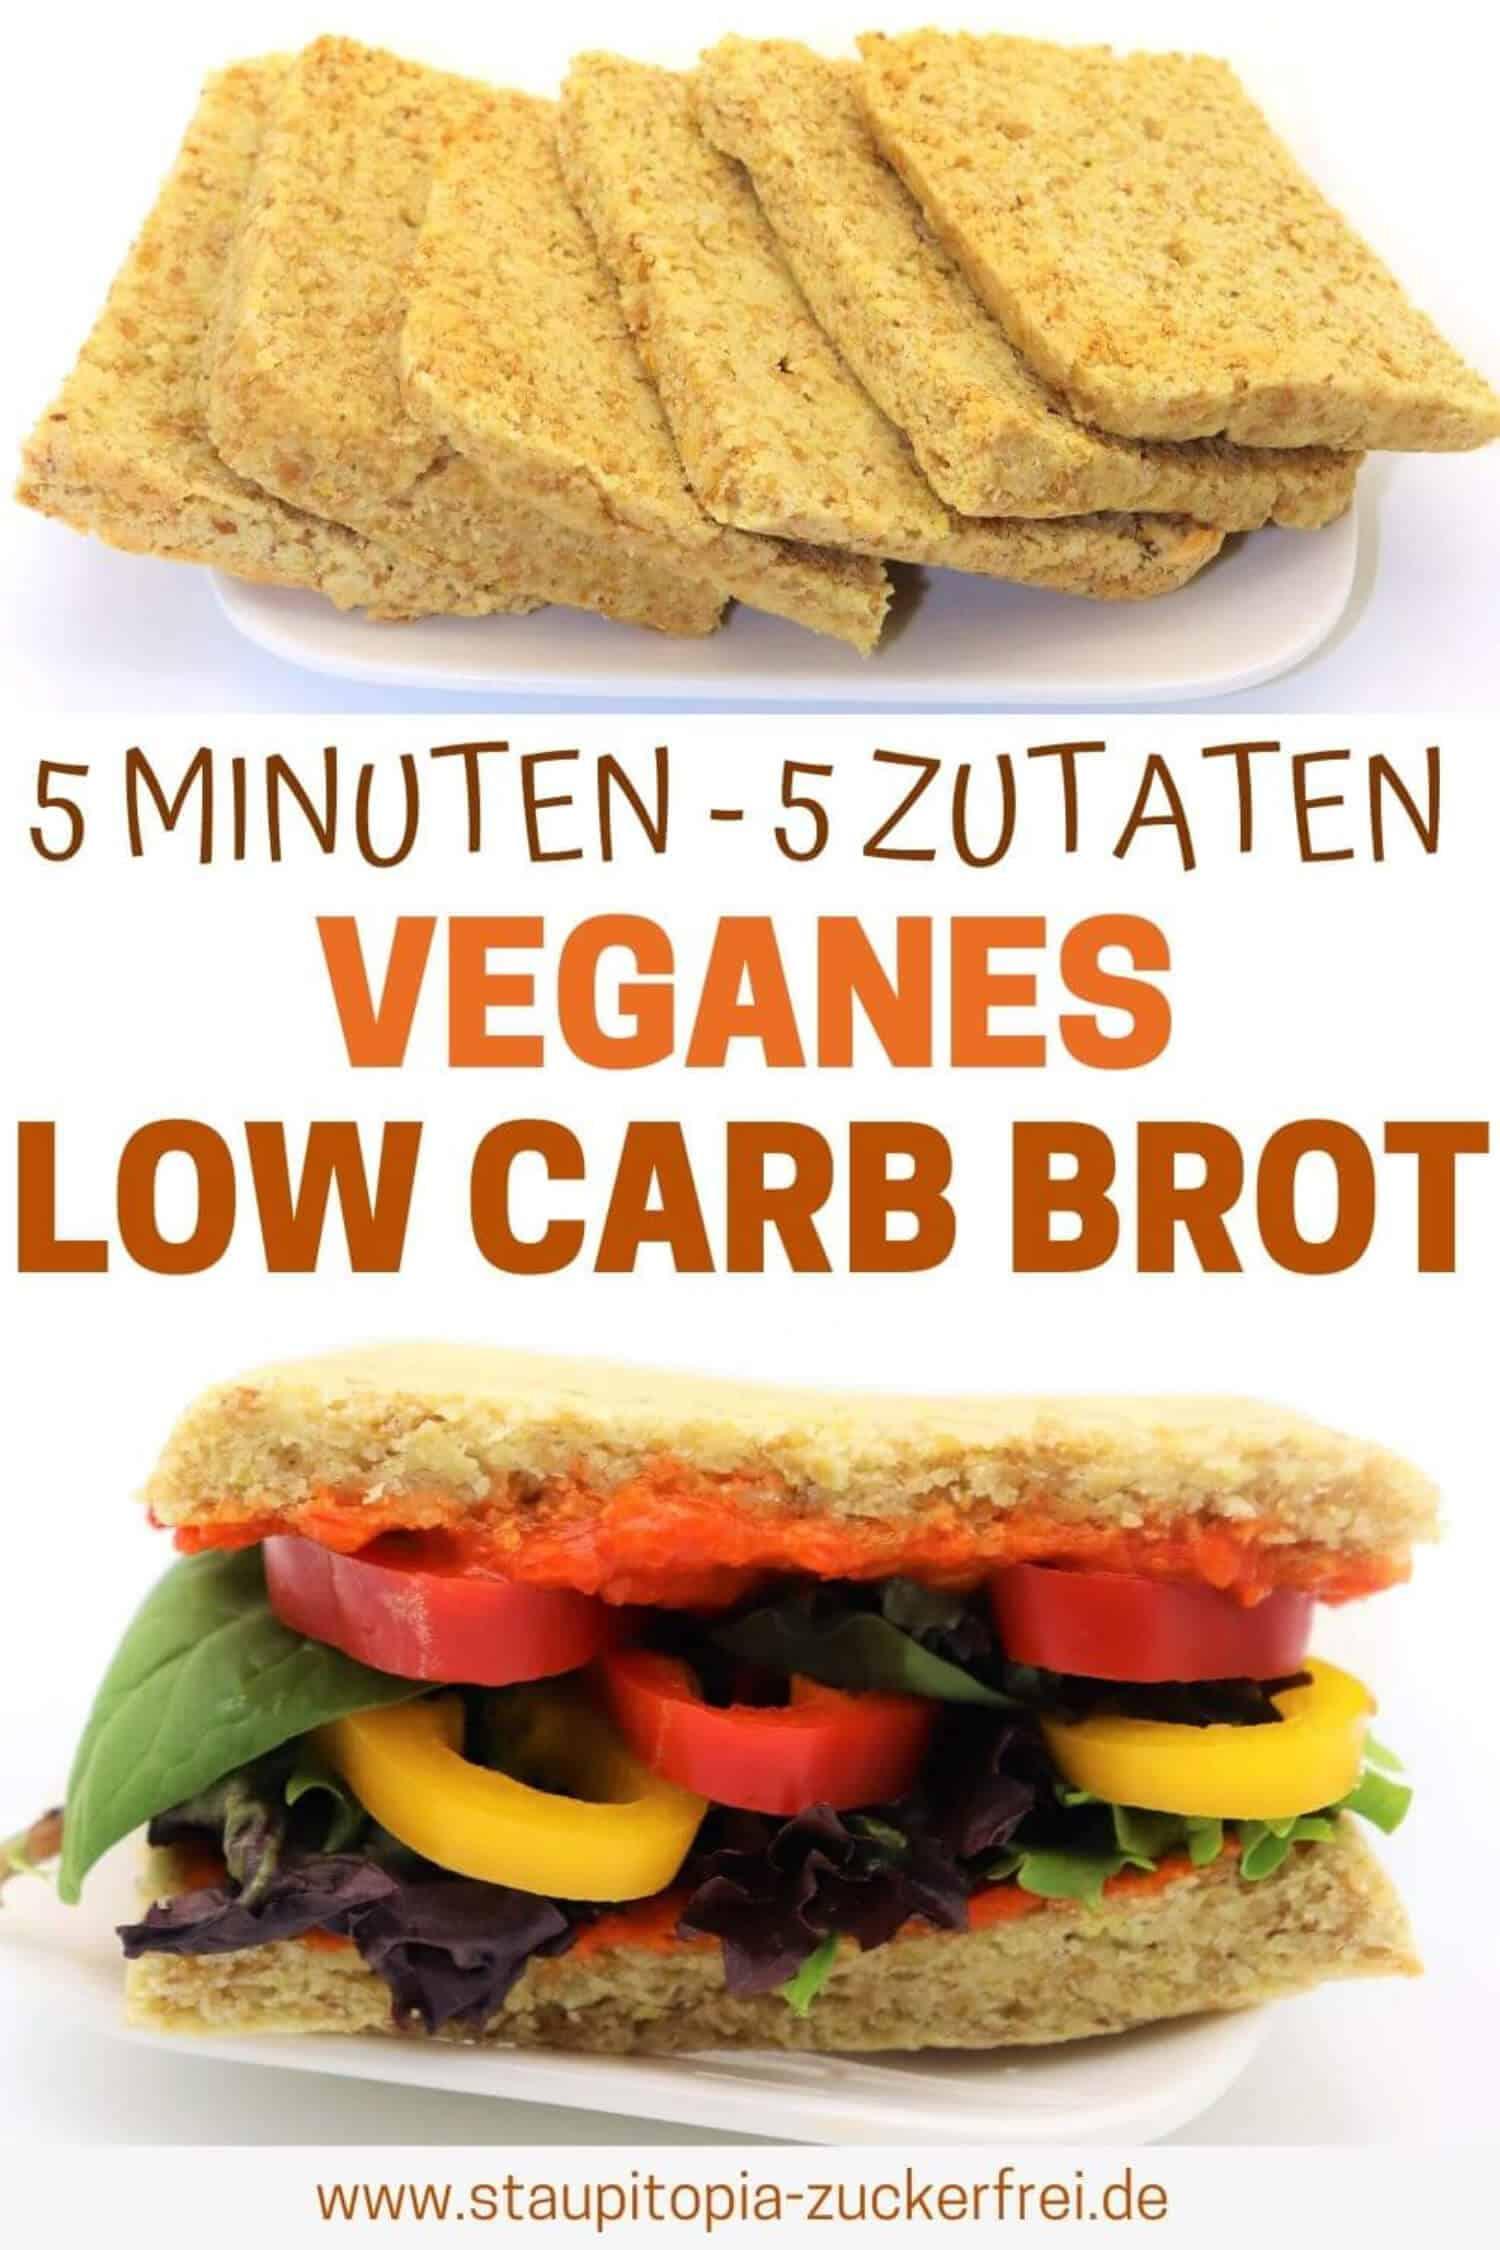 Veganes Low Carb Brot schnell und einfach